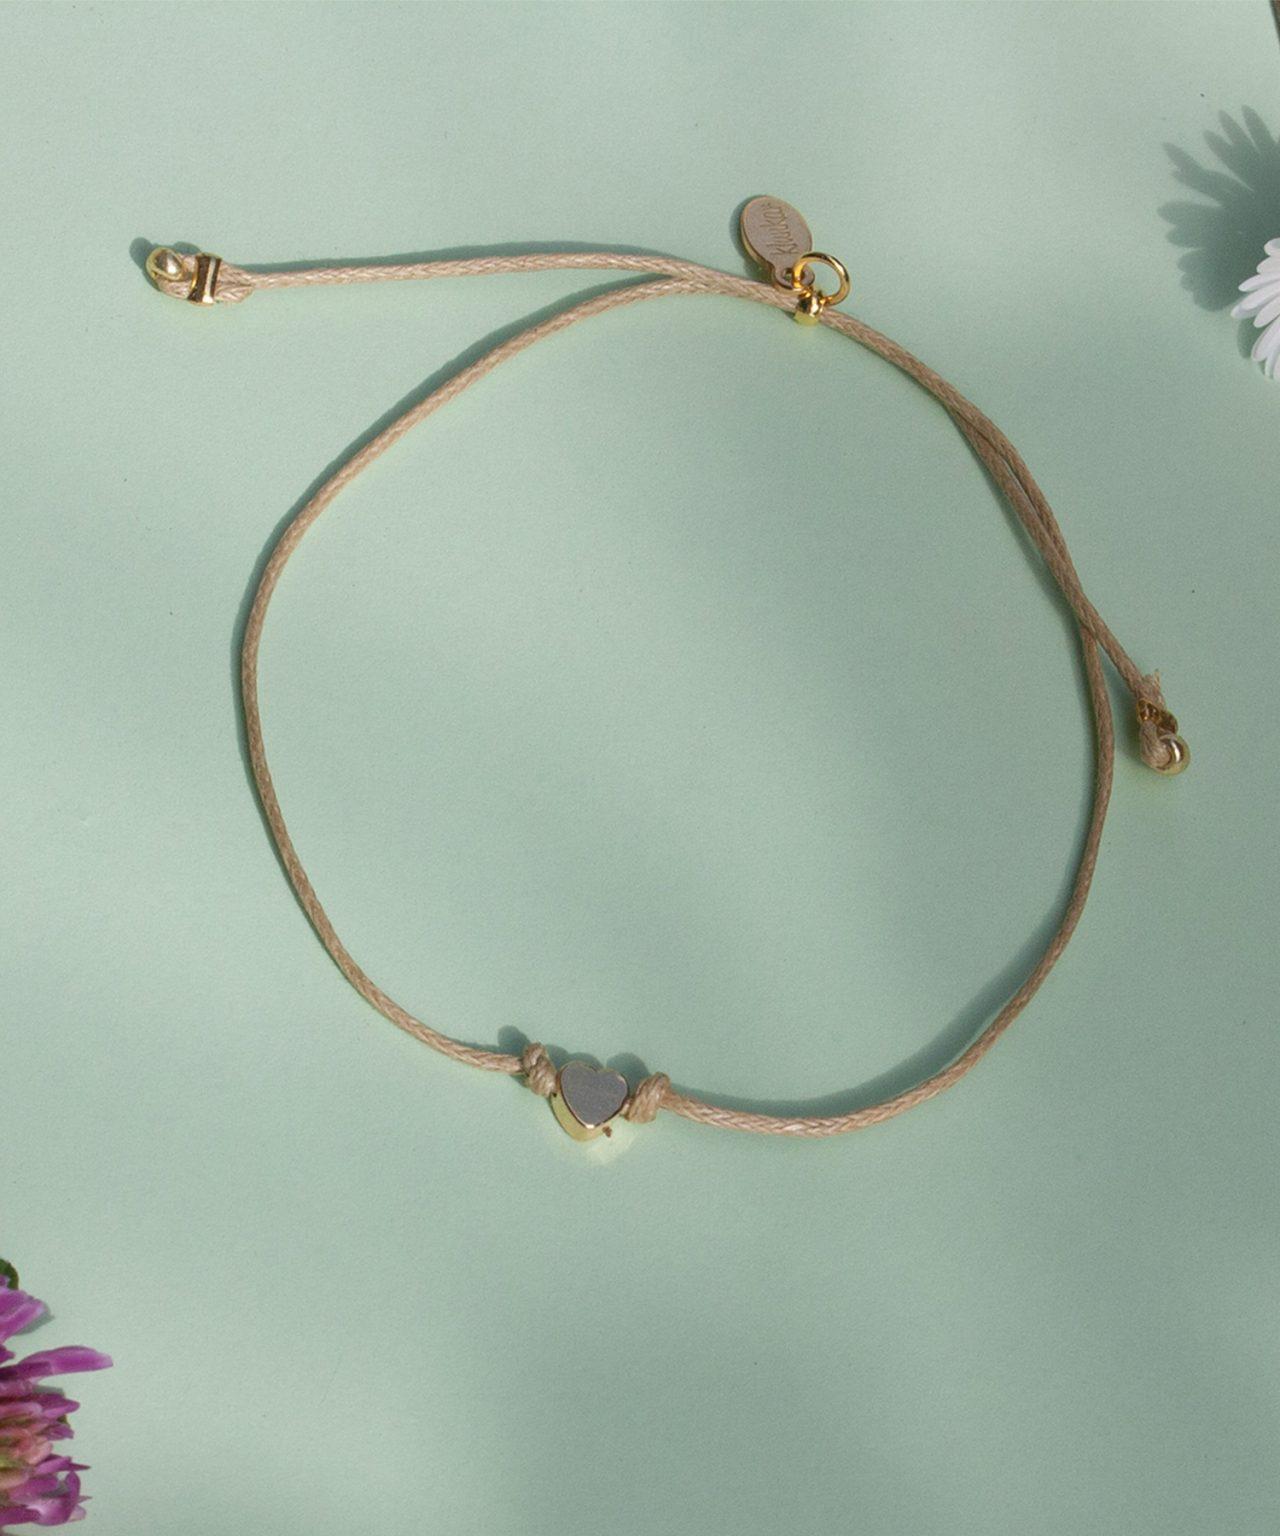 Alva Herz Armband von Klunkar. Geschenk zum Muttertag und Frühling.